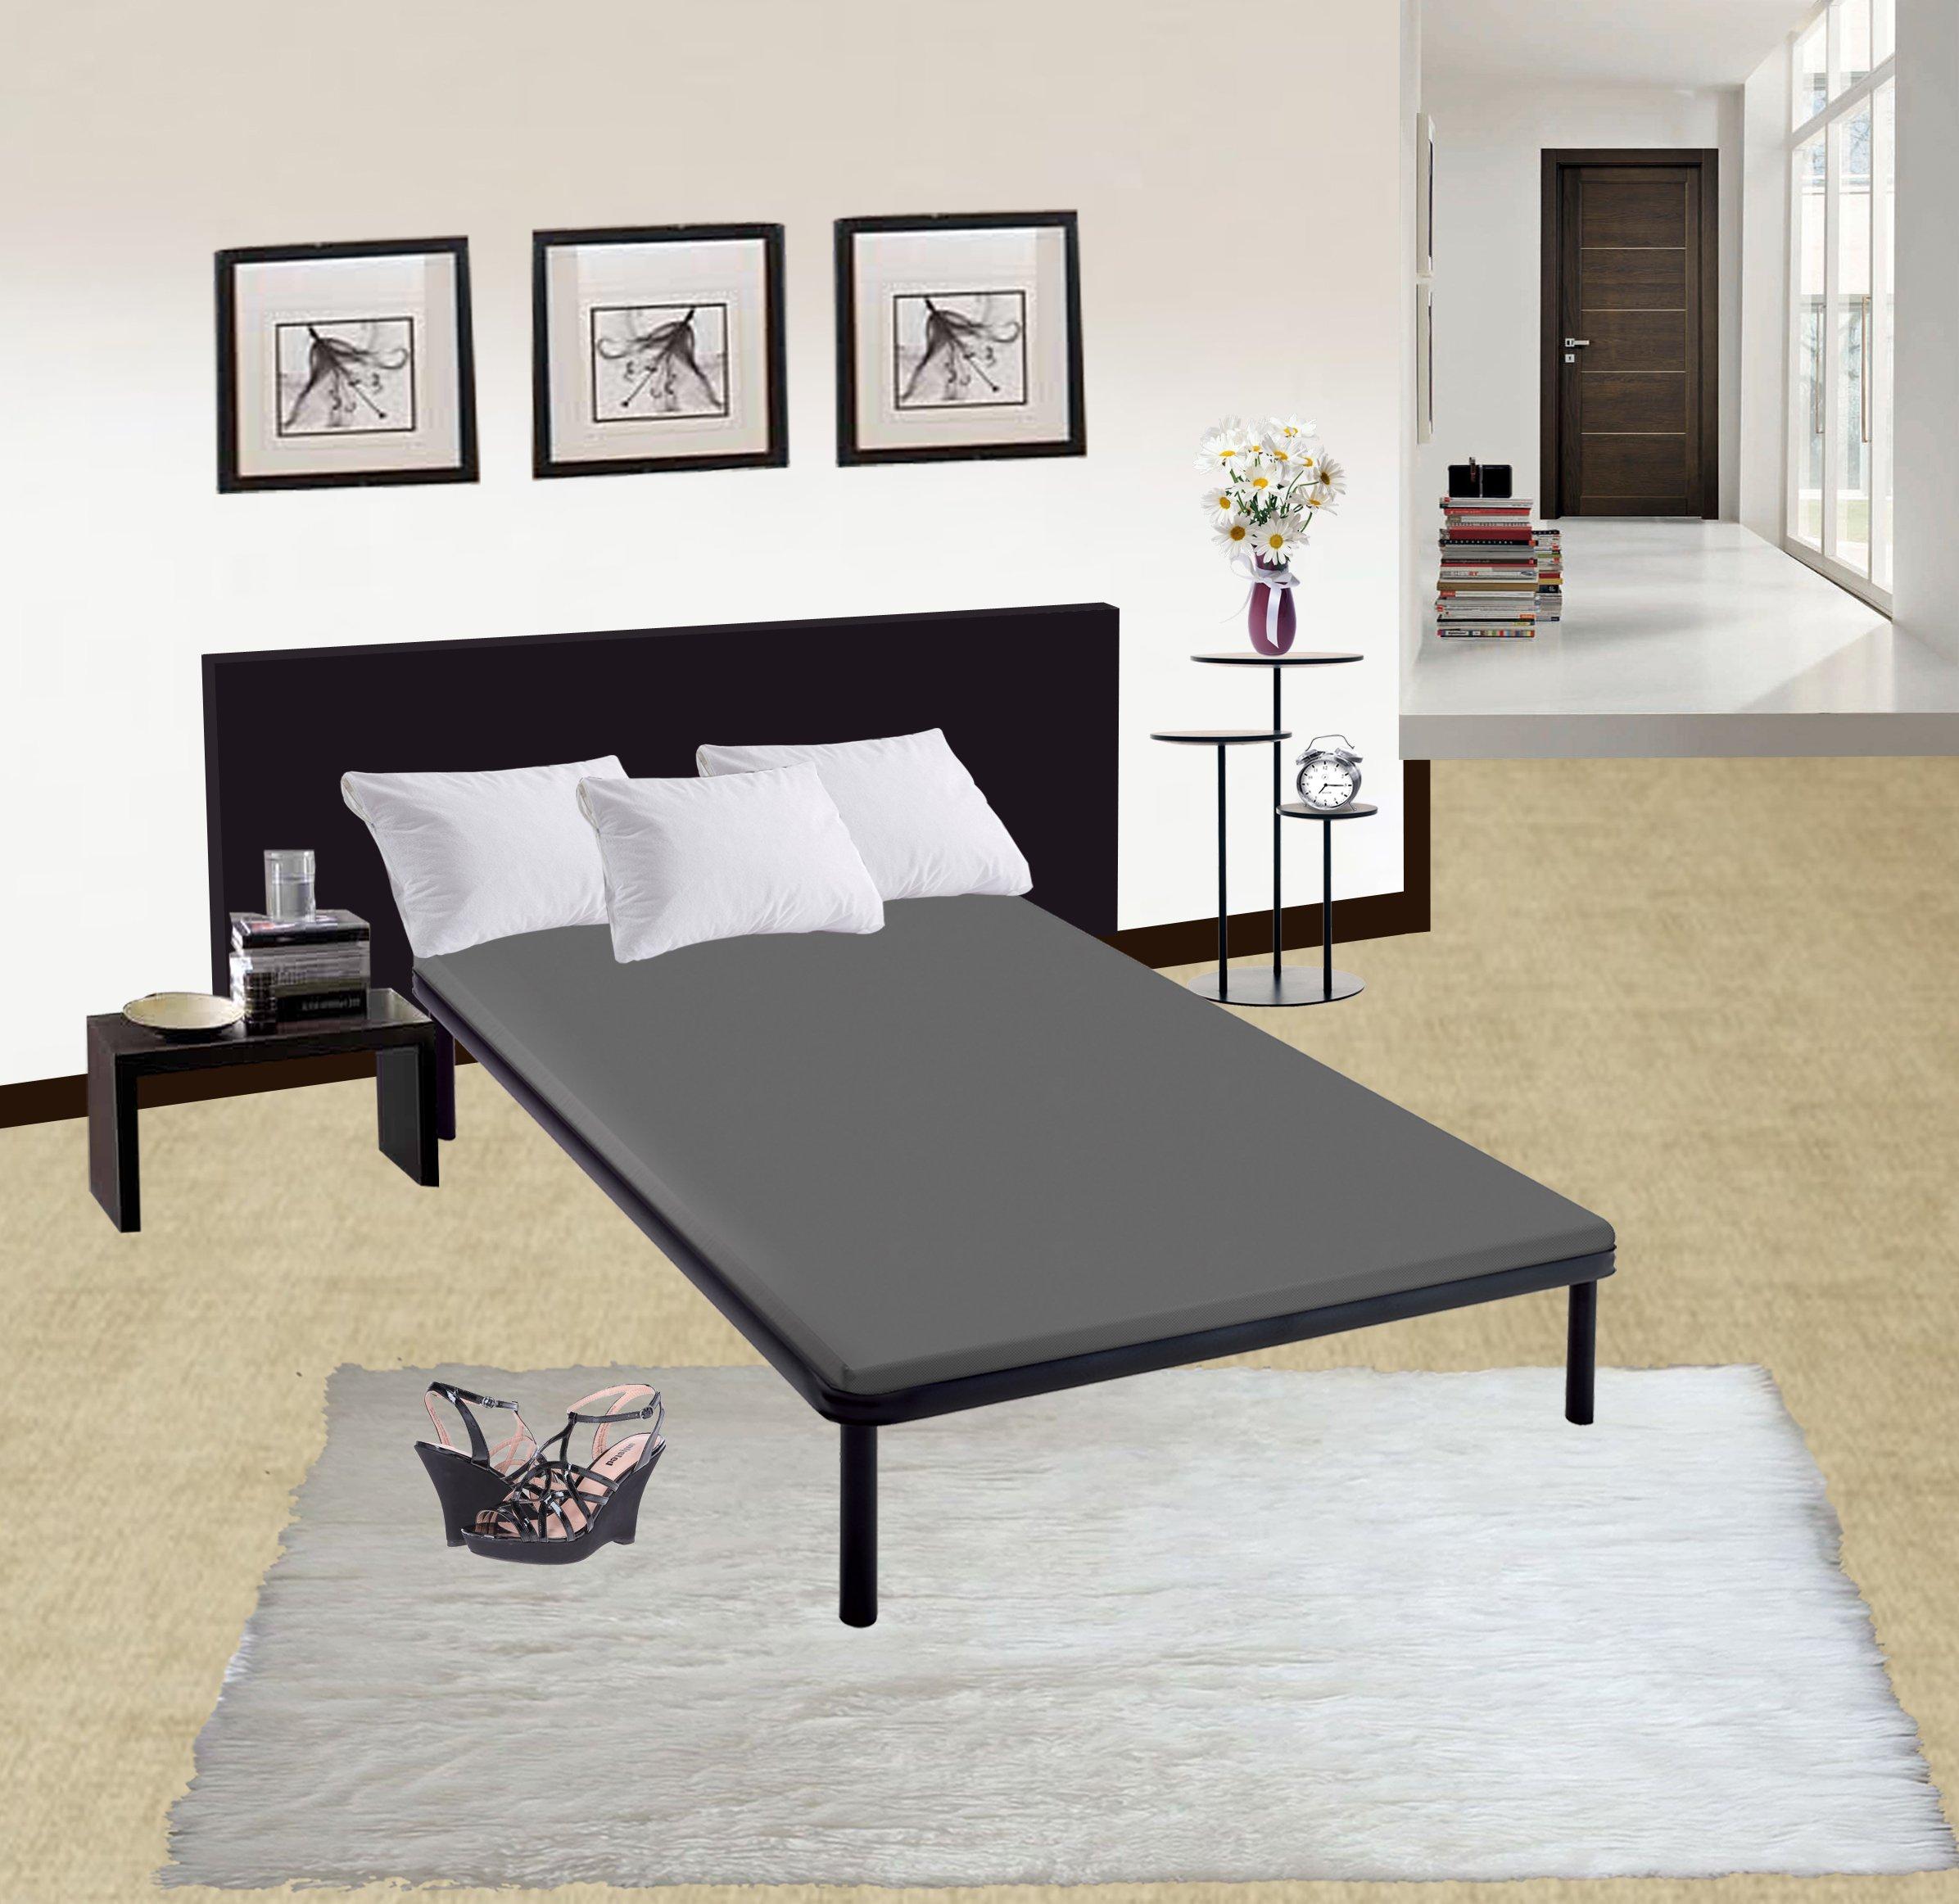 Greaton Heavy Duty Wooden Bed Slats/Bunkie Board Frame, Queen, Size